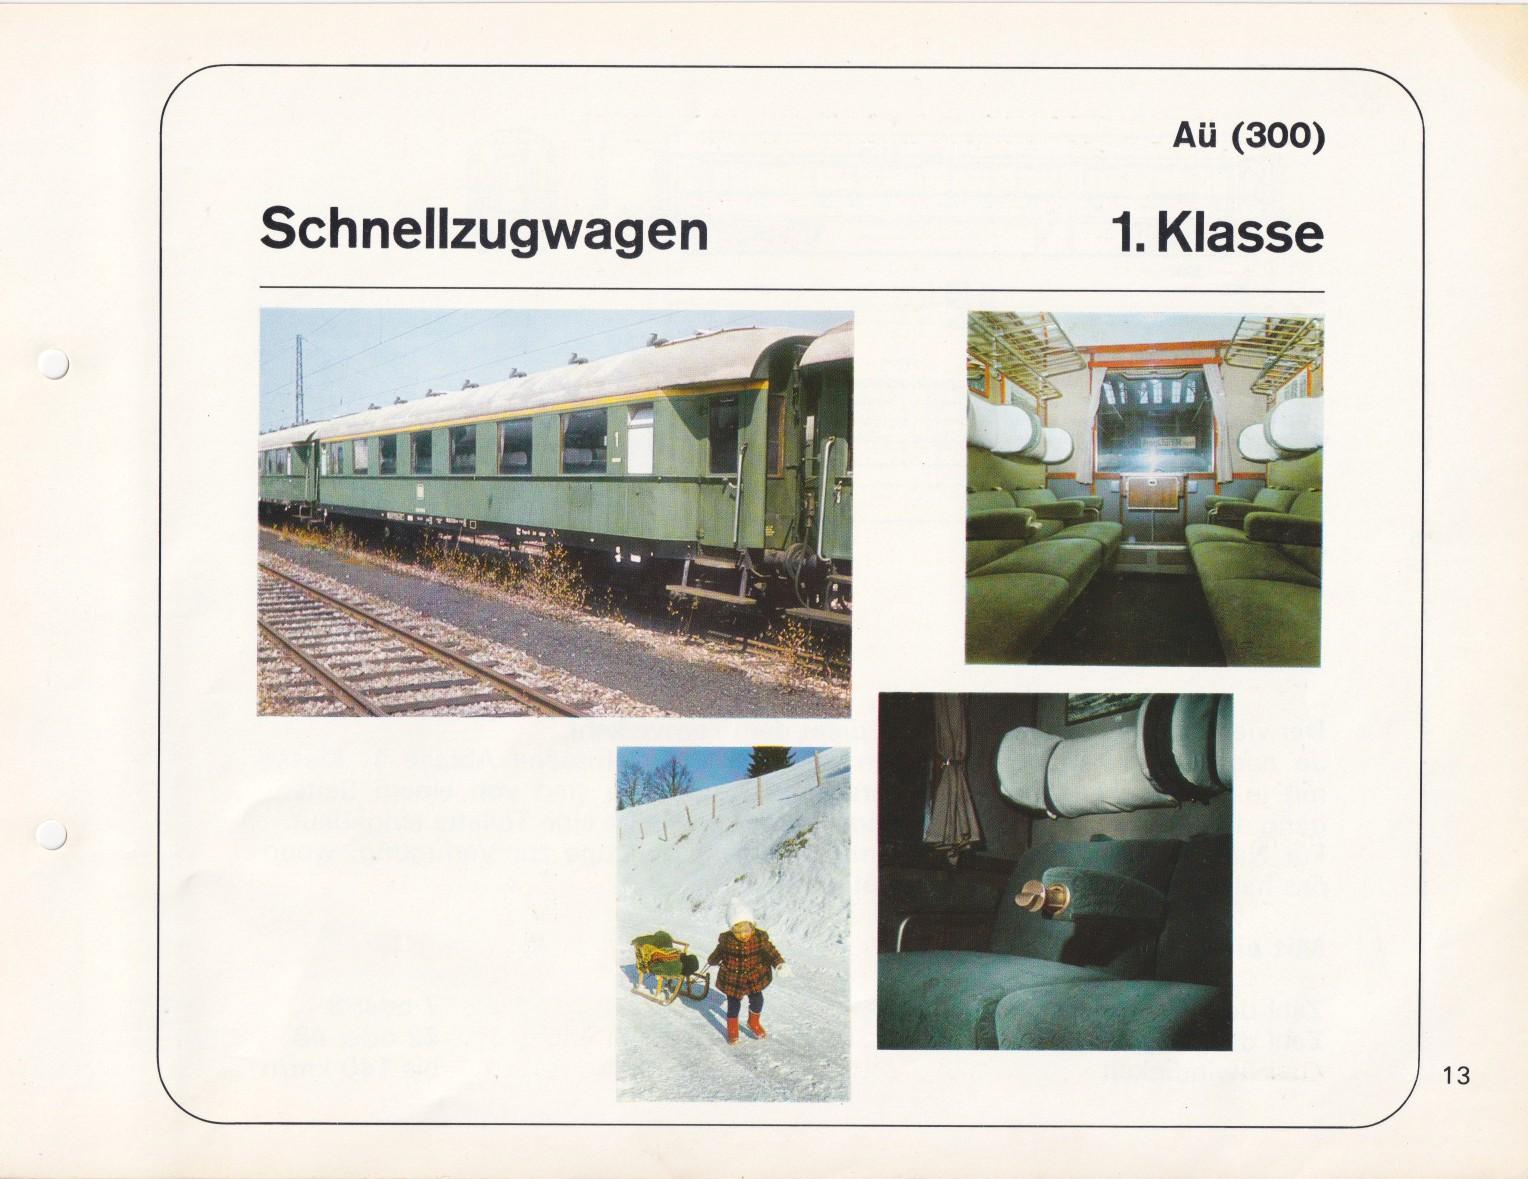 https://www.nullclub.de/hifo/Fahrzeuglexikon/Wagen13a.jpg